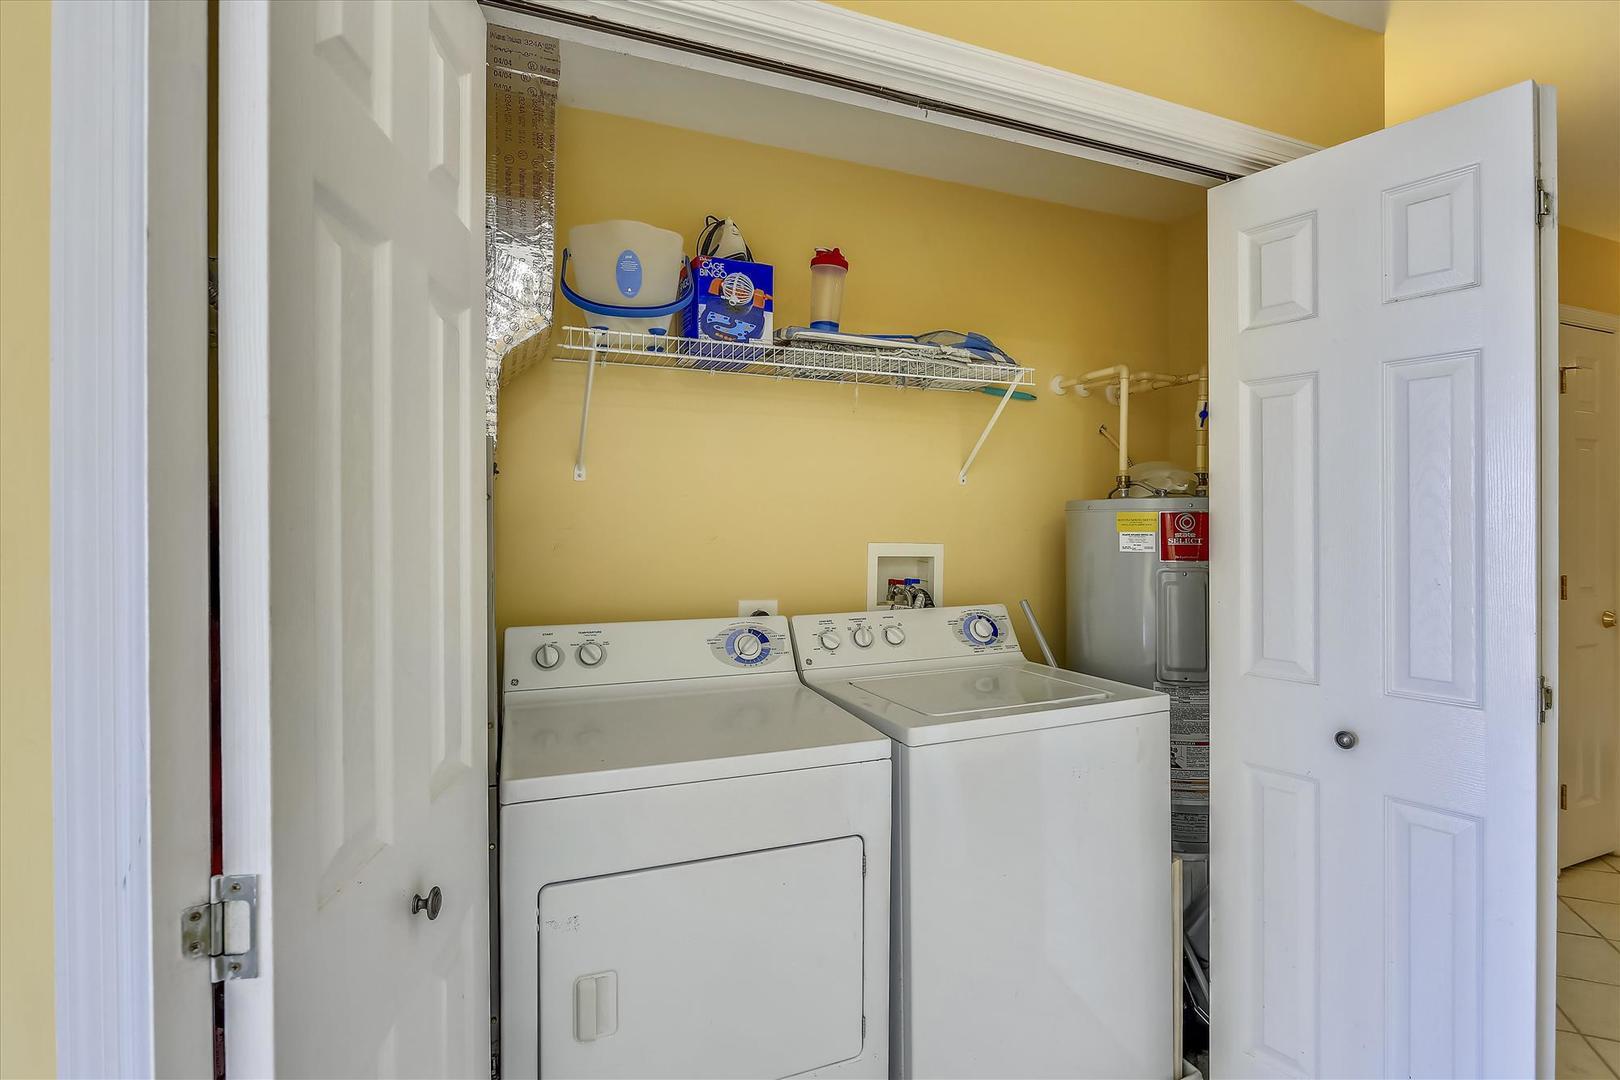 Sunset Bay II 518 - Laundry Area